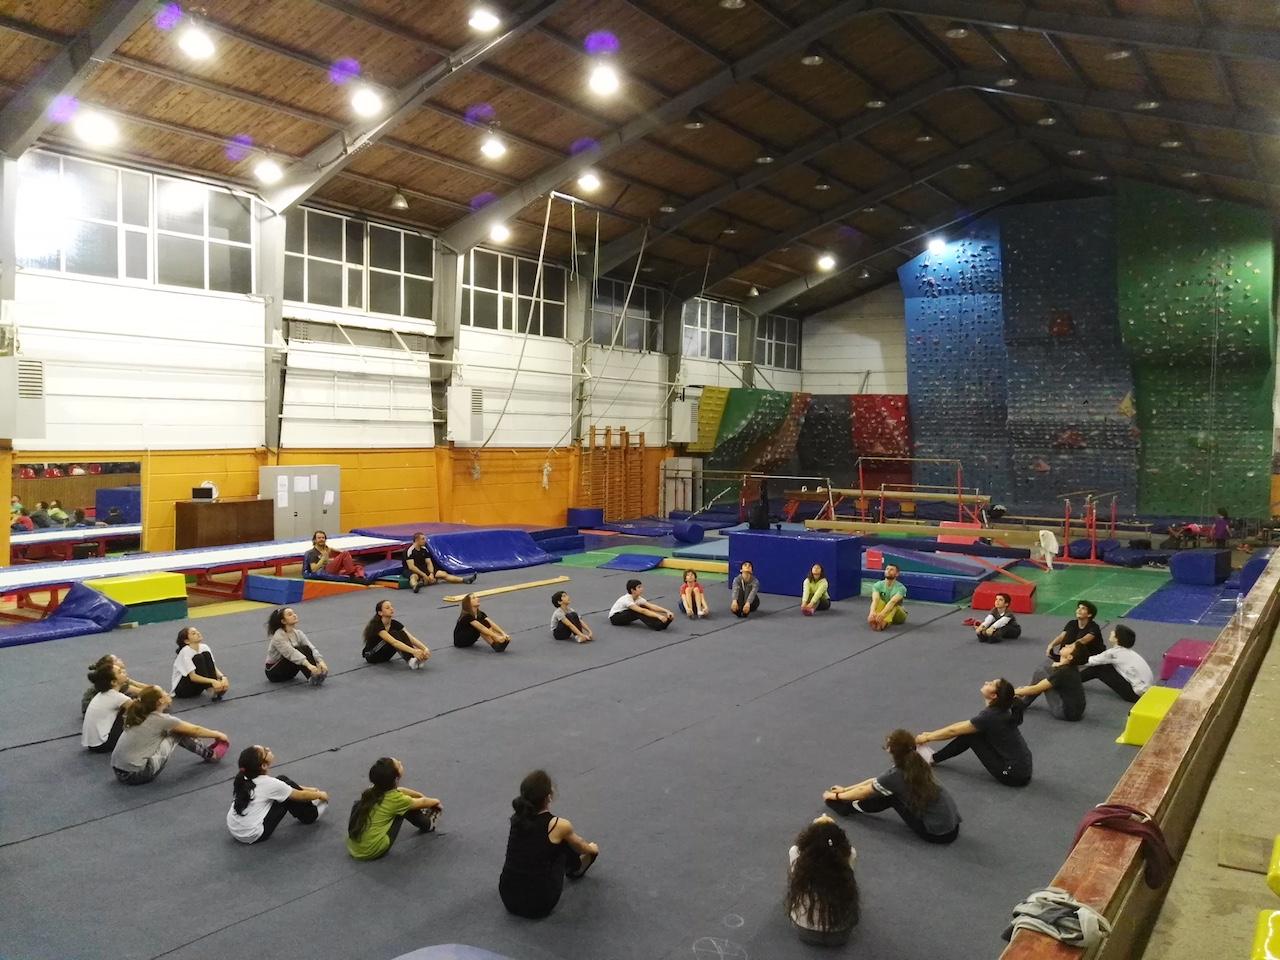 Spor Tırmanış Temel Seviye Eğitimi - Antalya Katılımcı Listesi